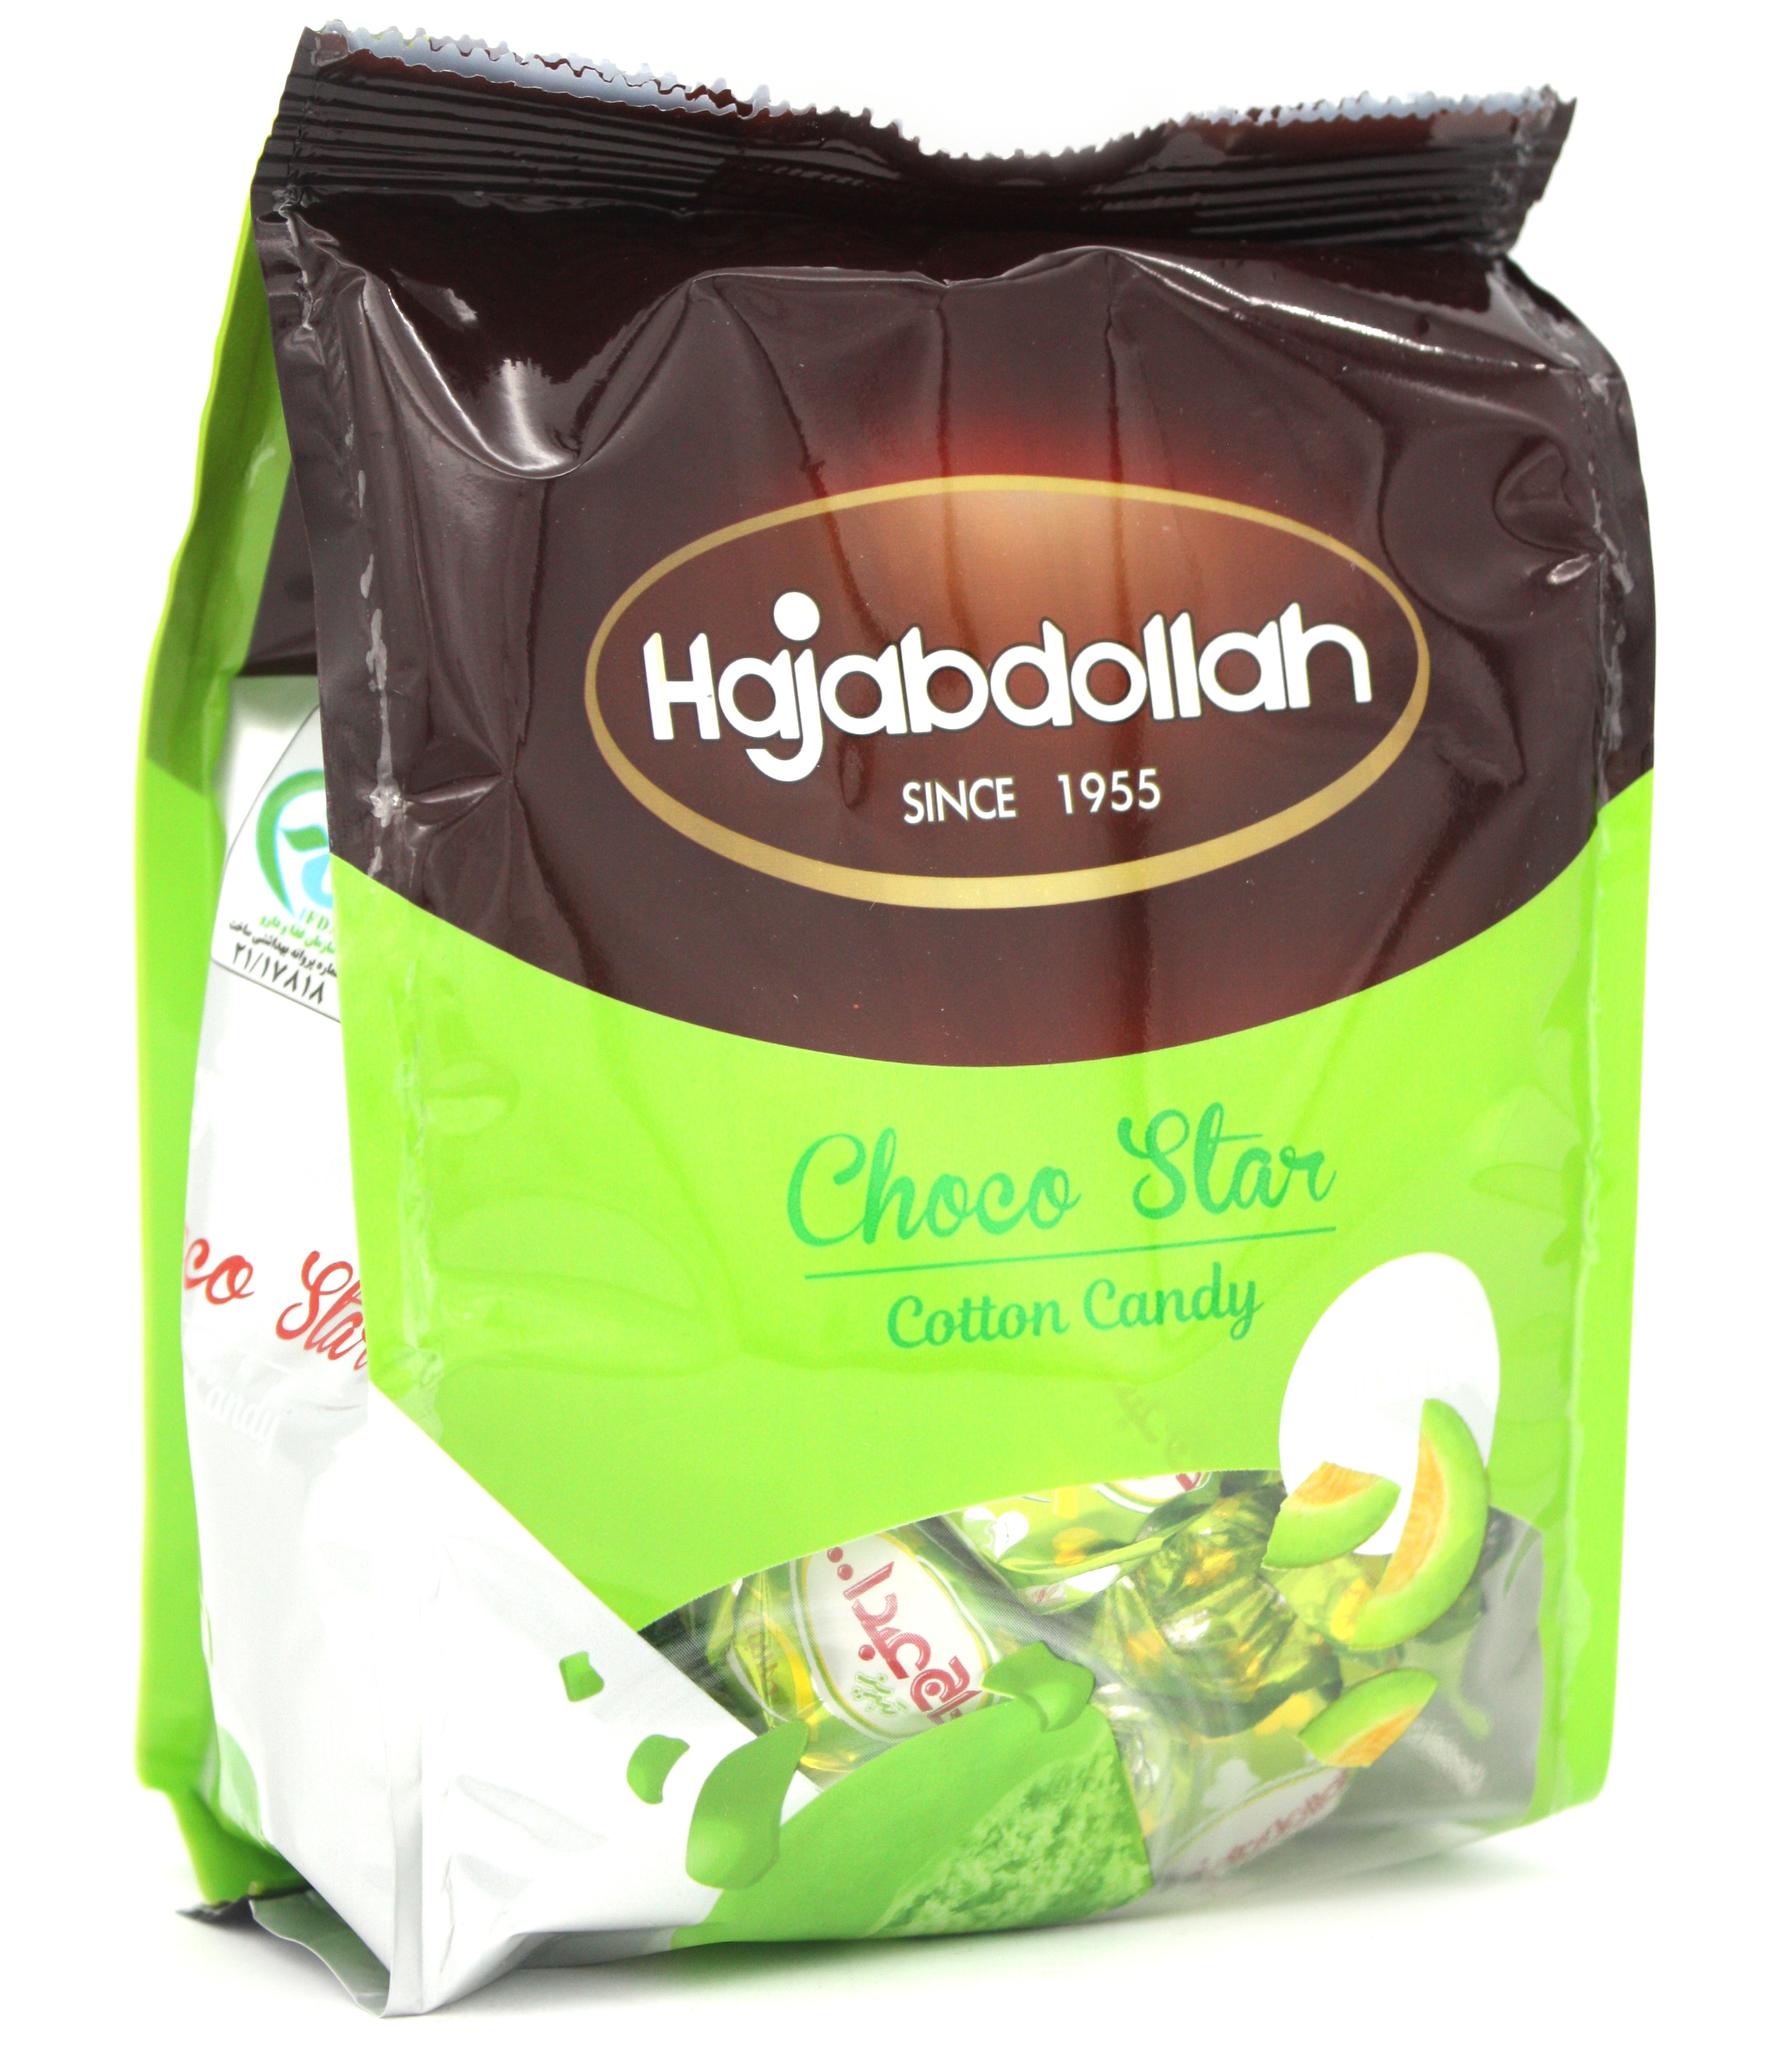 Hajabdollah Пишмание со вкусом дыни во фруктовой глазури Choco Star, Hajabdollah, 180 г import_files_24_24830af2bf3911e9a9b1484d7ecee297_a7debf69db7611e9a9b6484d7ecee297.jpg